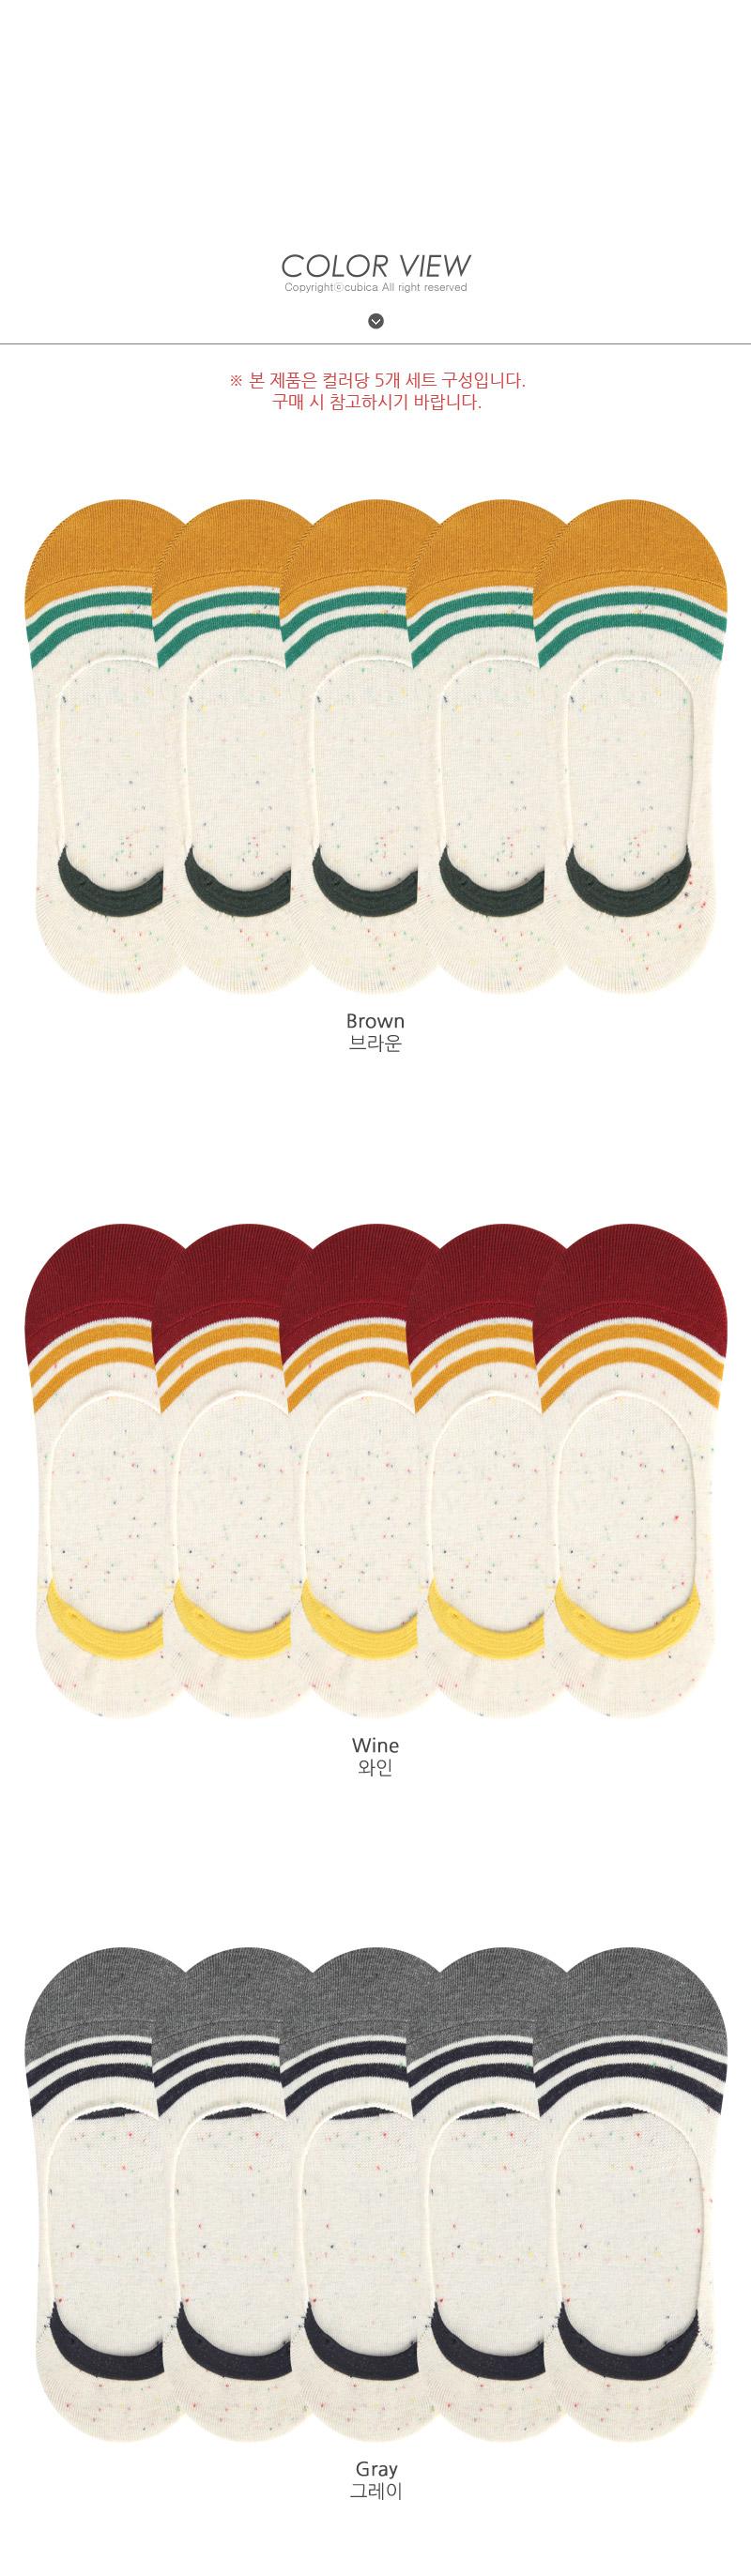 페이크삭스 냅사 배색덧신 여성양말5족 FS158 - 쿠비카, 9,900원, 남성양말, 페이크삭스